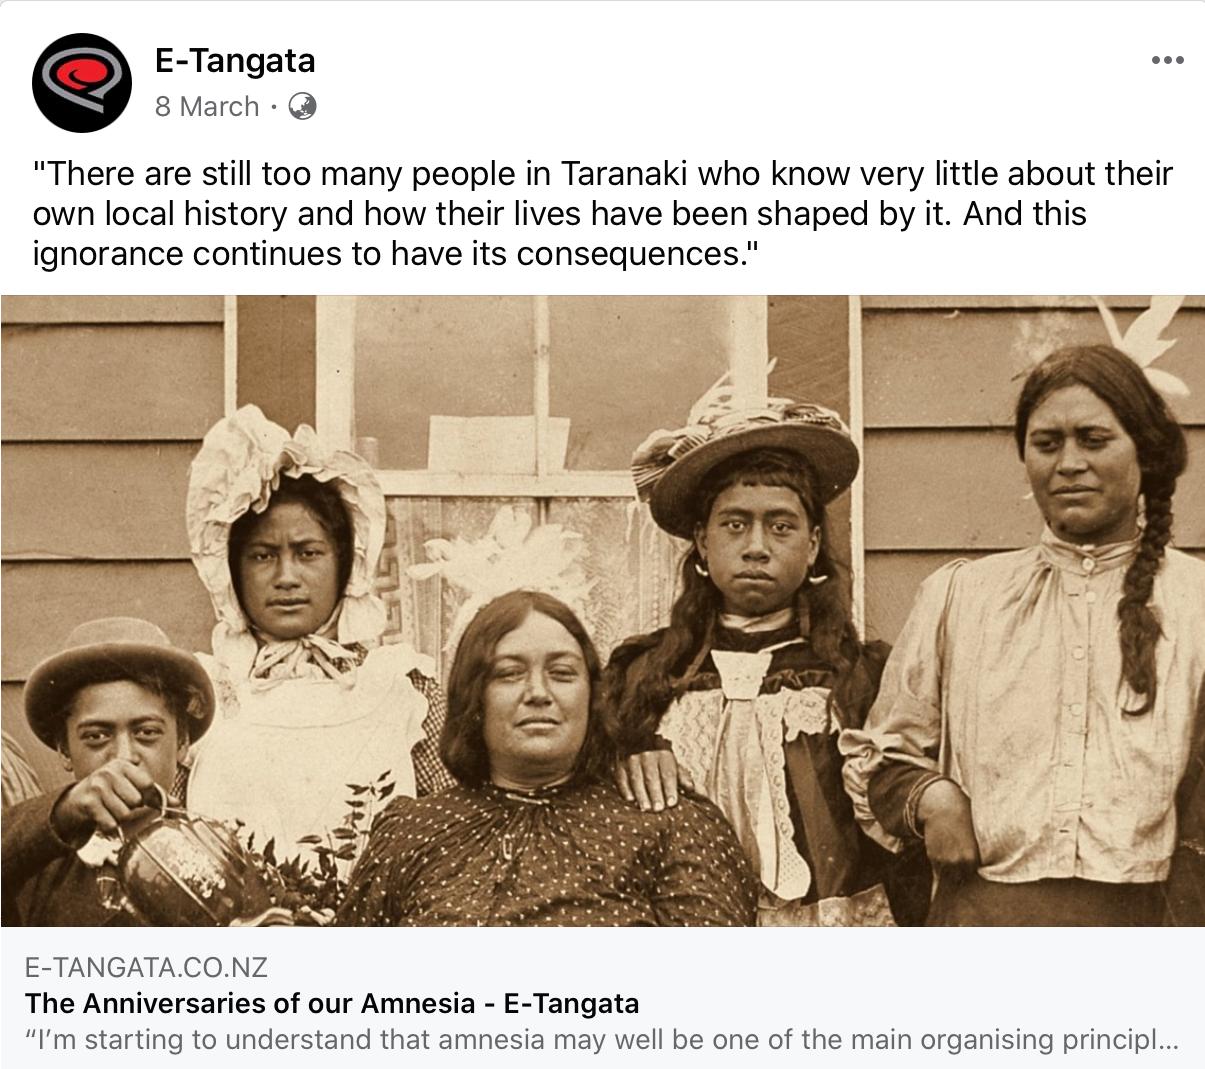 e-tangata_Amnesia.png